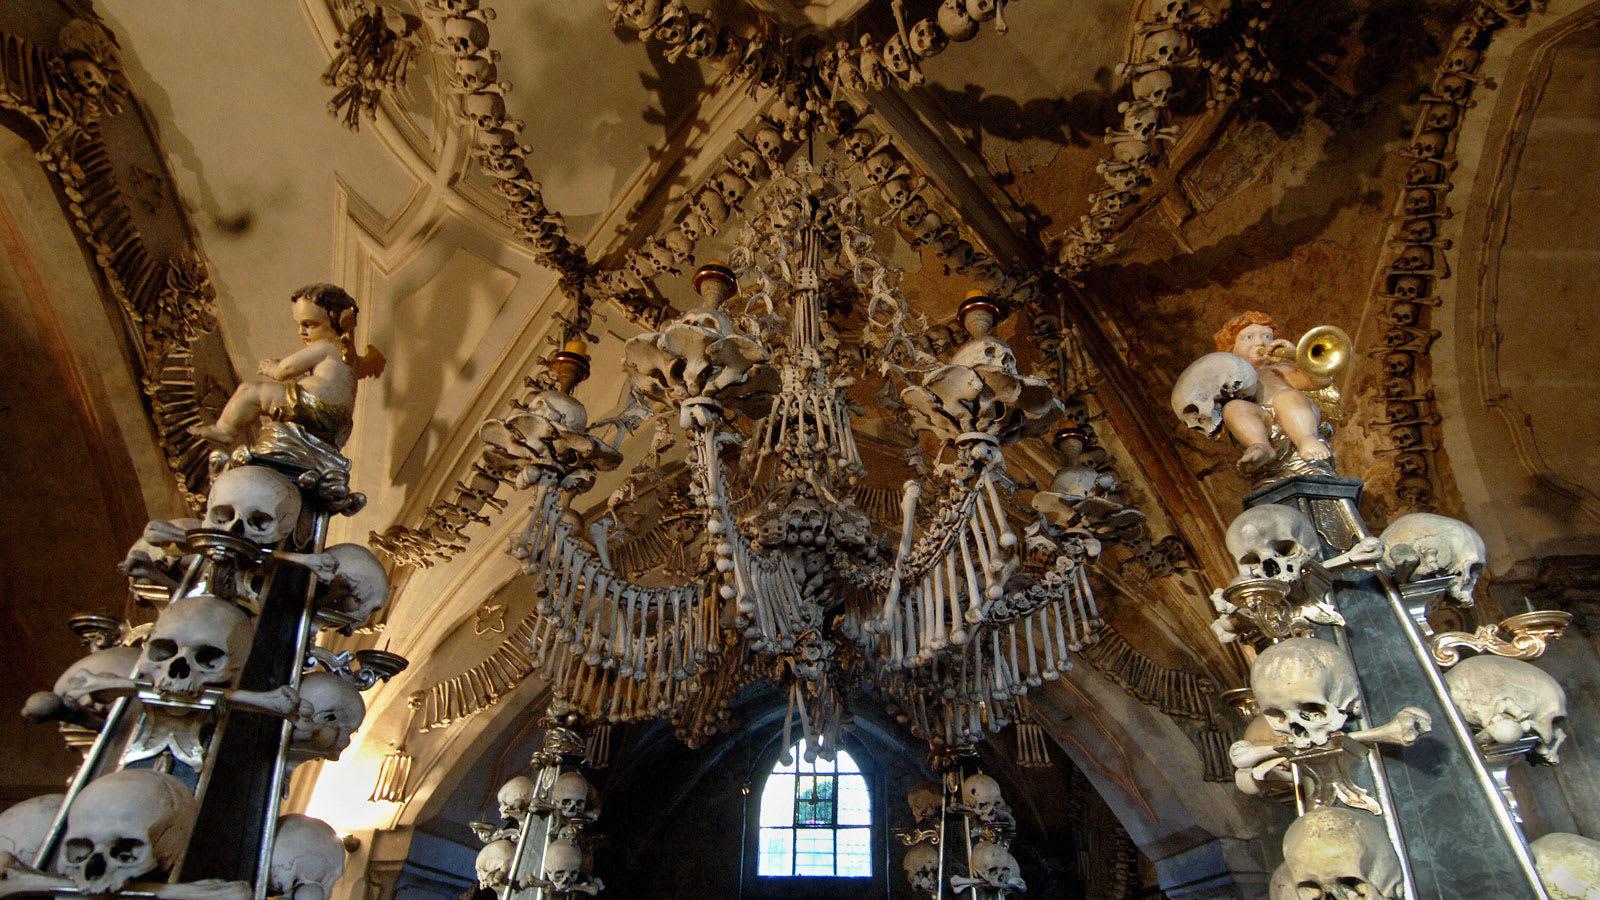 """بسبب صور """"غير ملائمة"""".. """"كنيسة العظام"""" في التشيك تحظر صور """"سيلفي"""""""